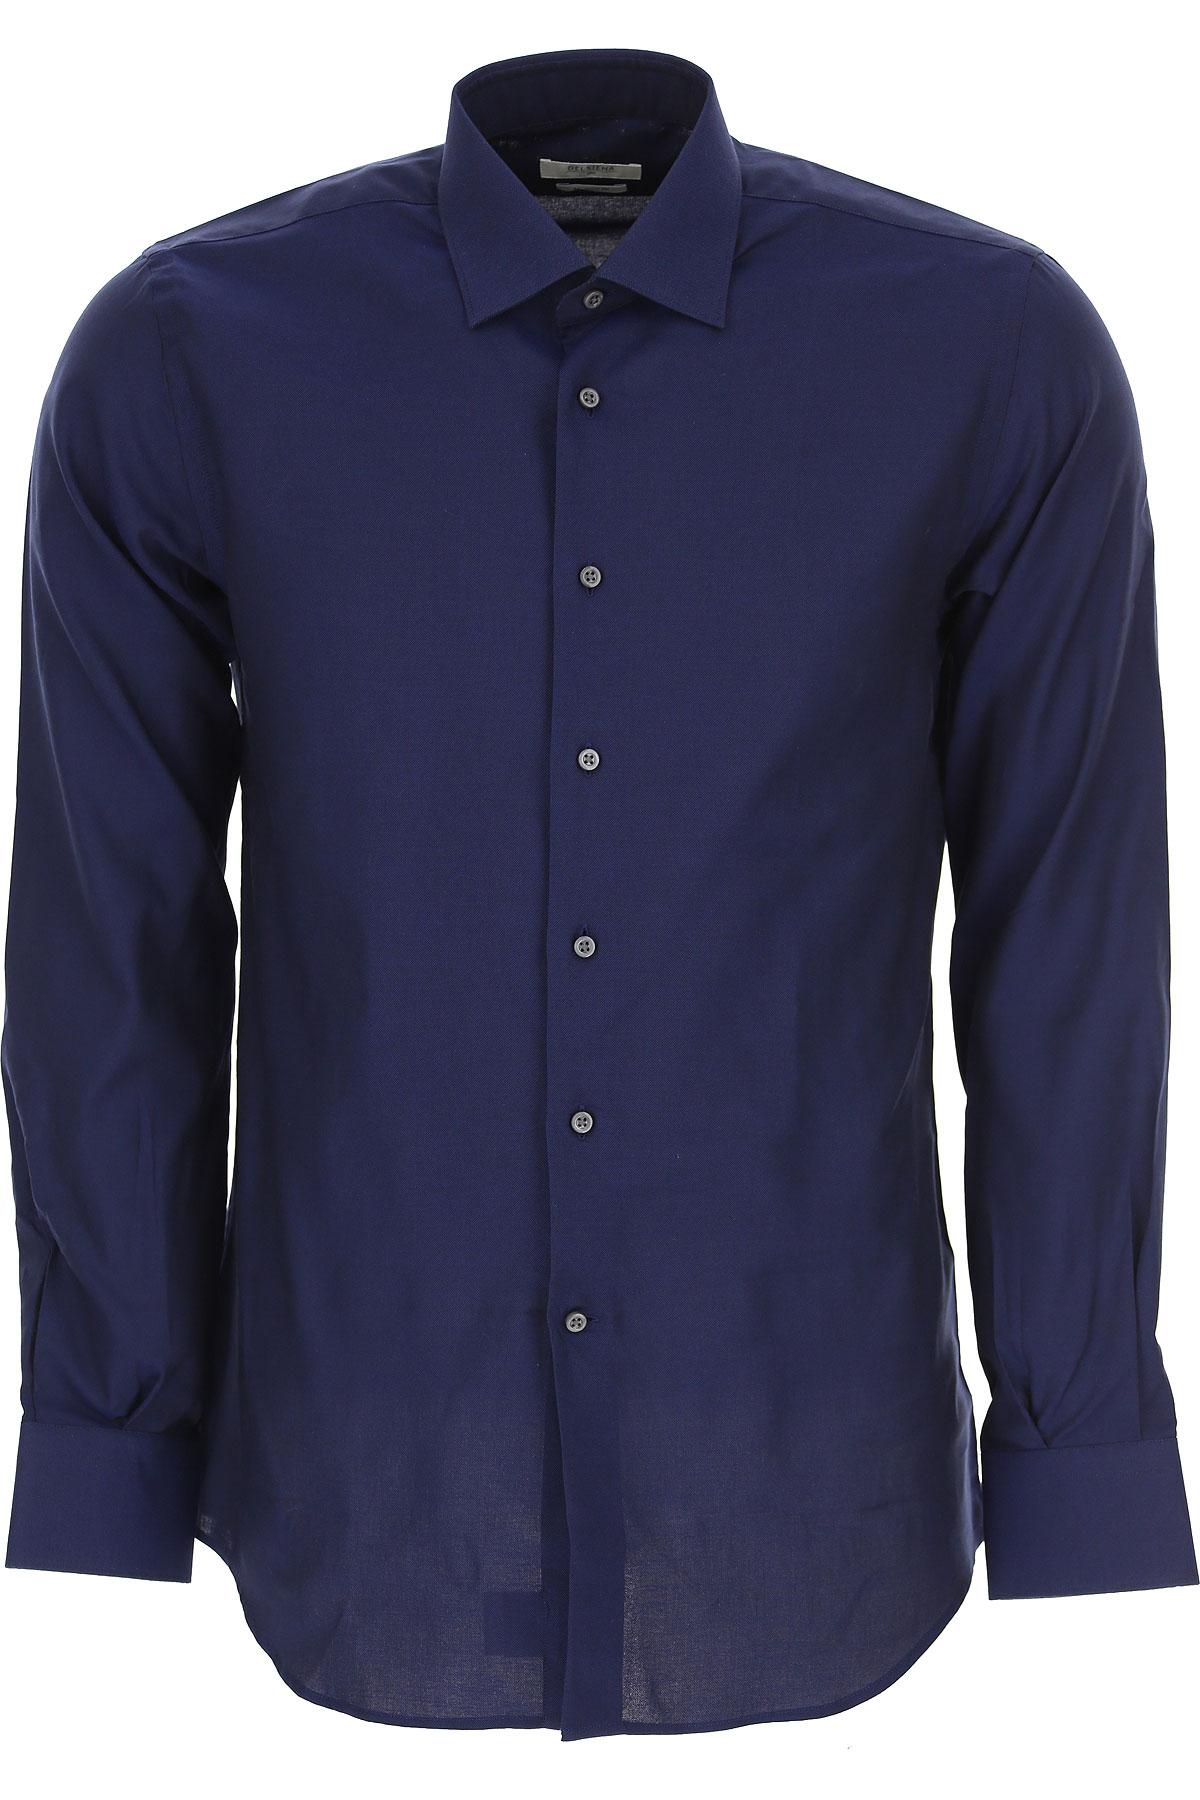 Del Siena Erkekler İçin Gömlekler, Beyaz Gömlekler, Koyu Mavi, Pamuk, 2019, 15 15.5 15.75 16 16.5 17.5